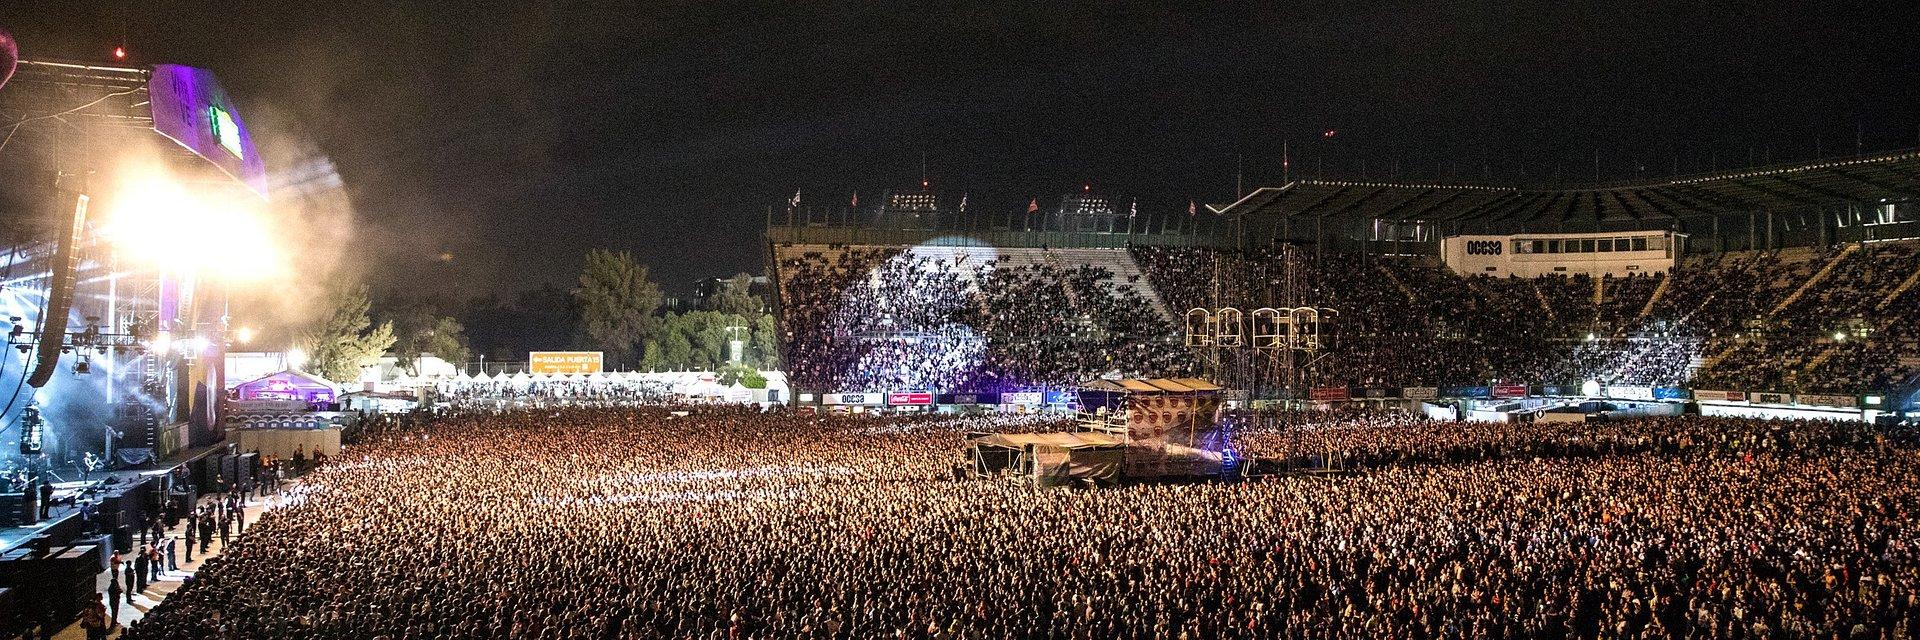 ¡Vive Latino llega por primera vez a Europa!